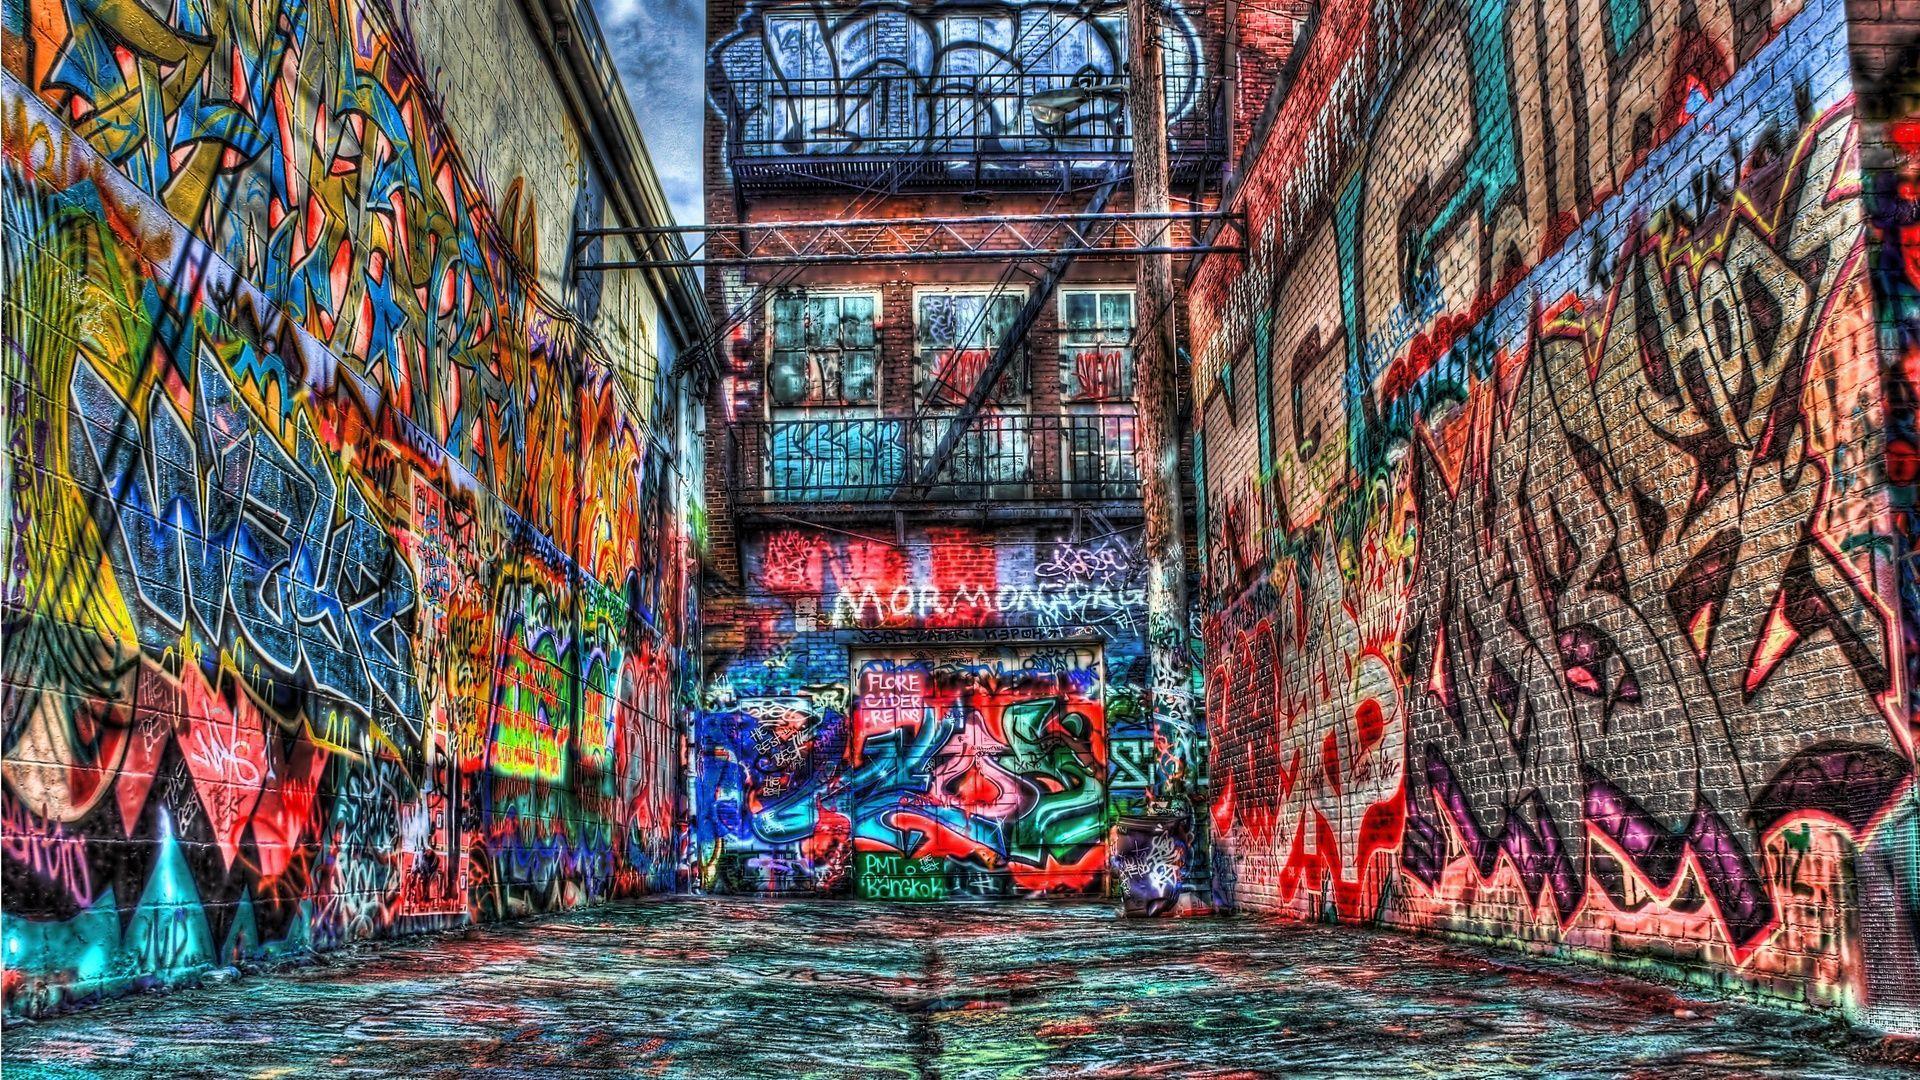 Street Art pc wallpaper